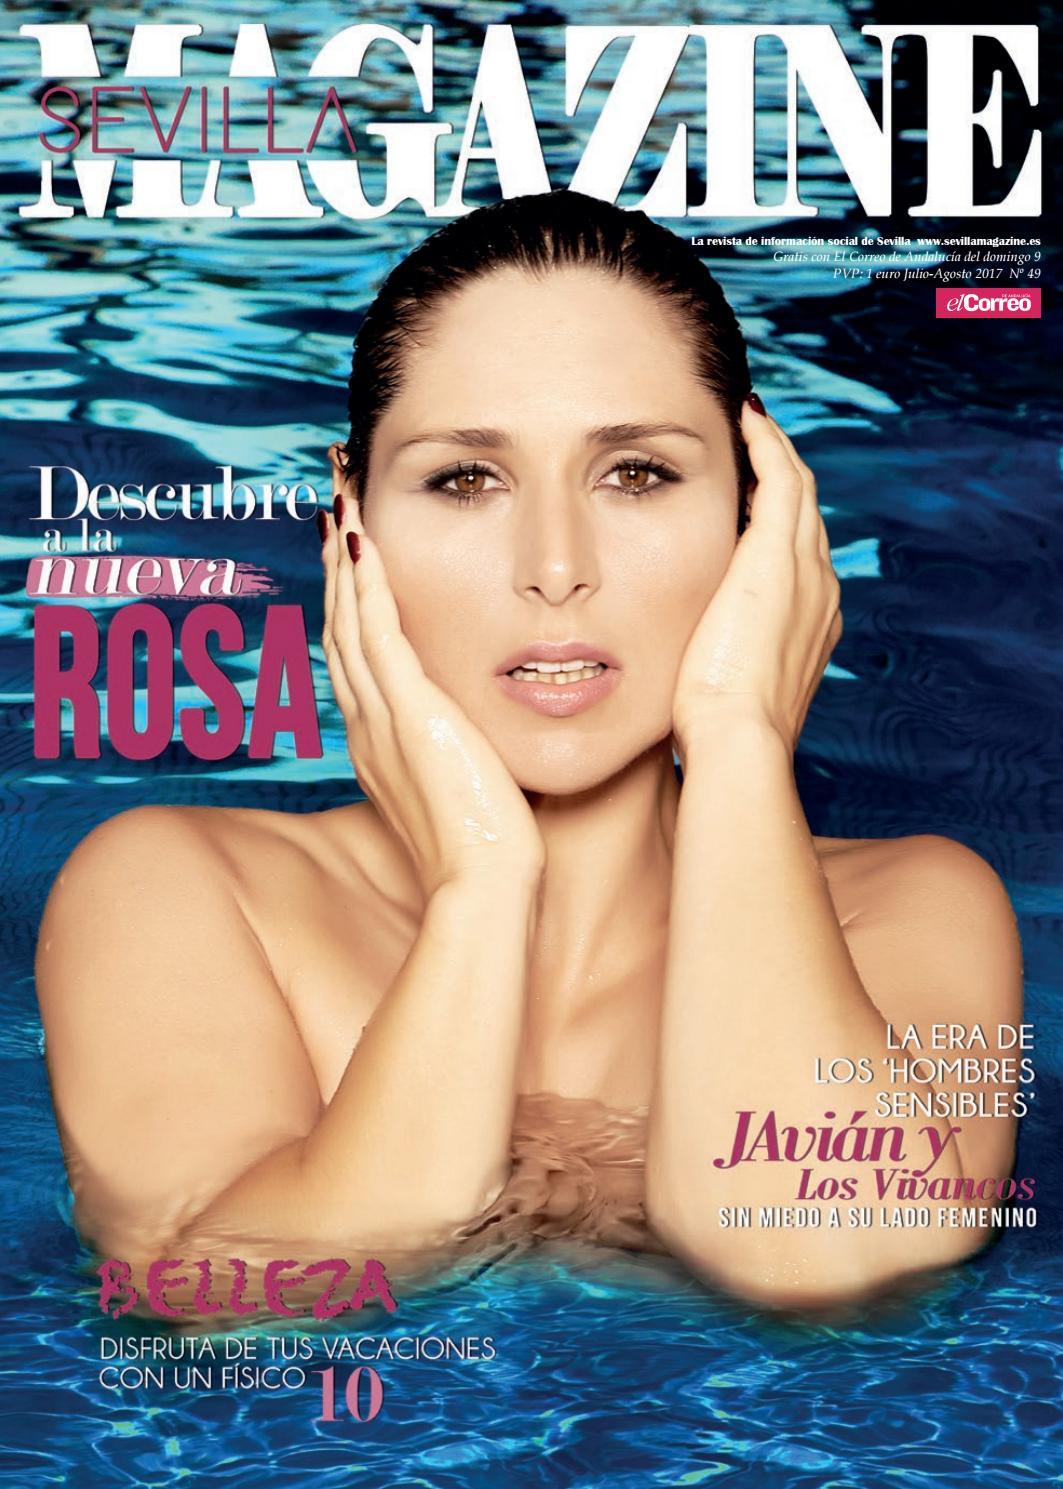 Magazine Agosto Sevilla 2017 Julio SUGVqzMp